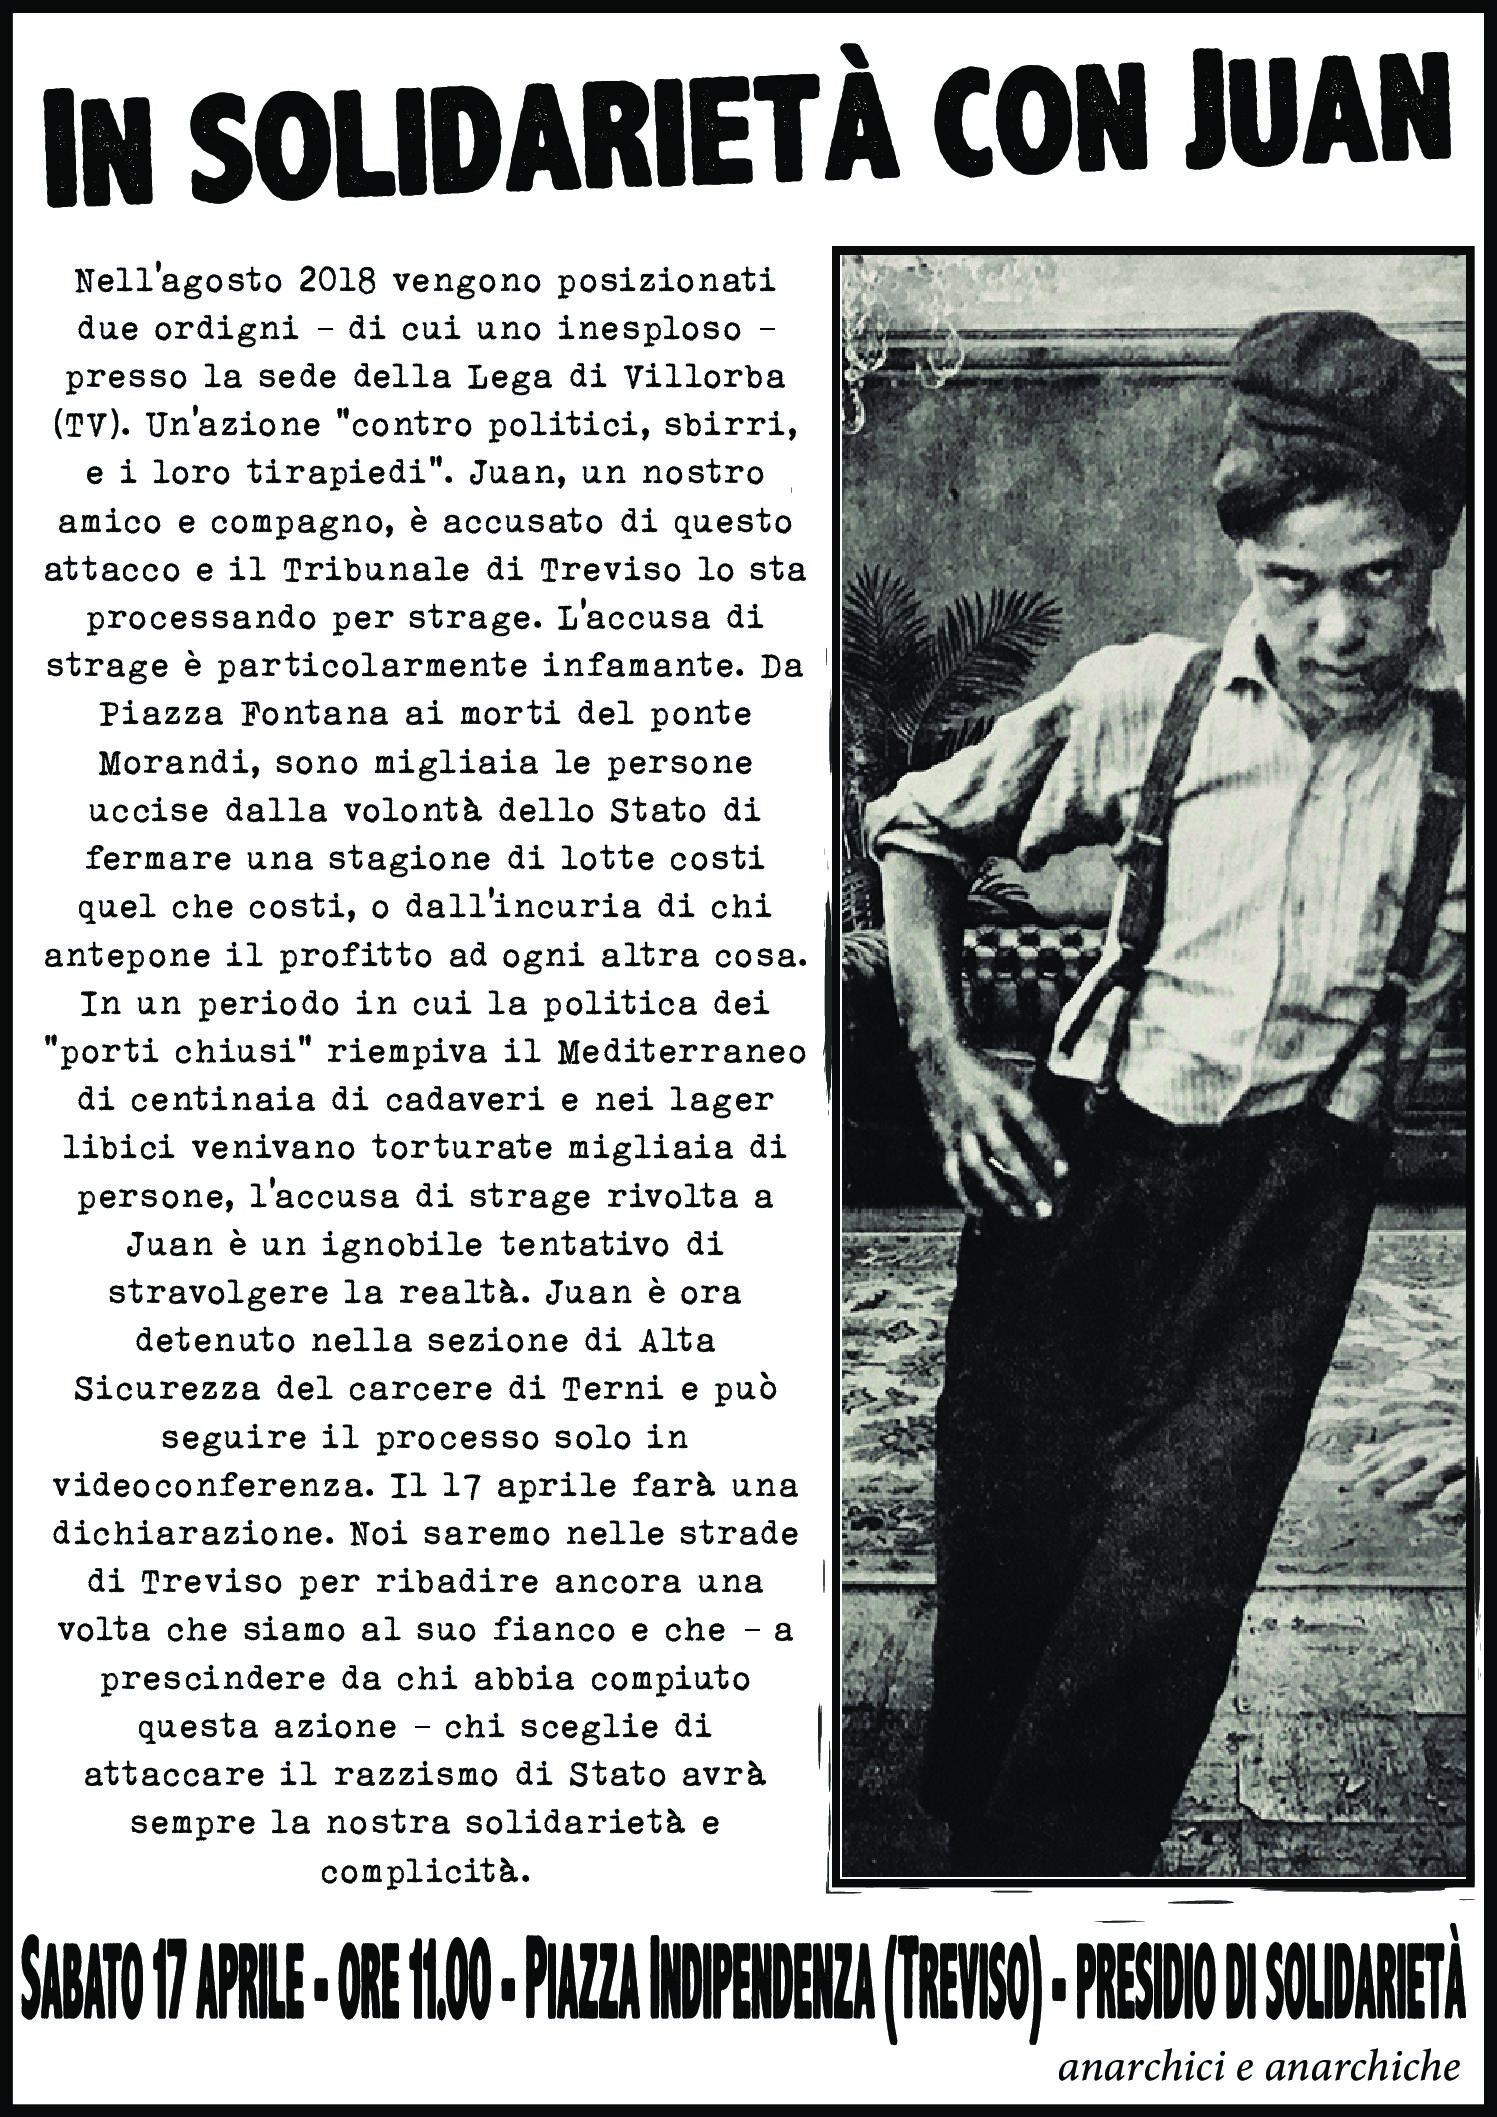 17 aprile, Treviso: iniziativa solidale con Juan